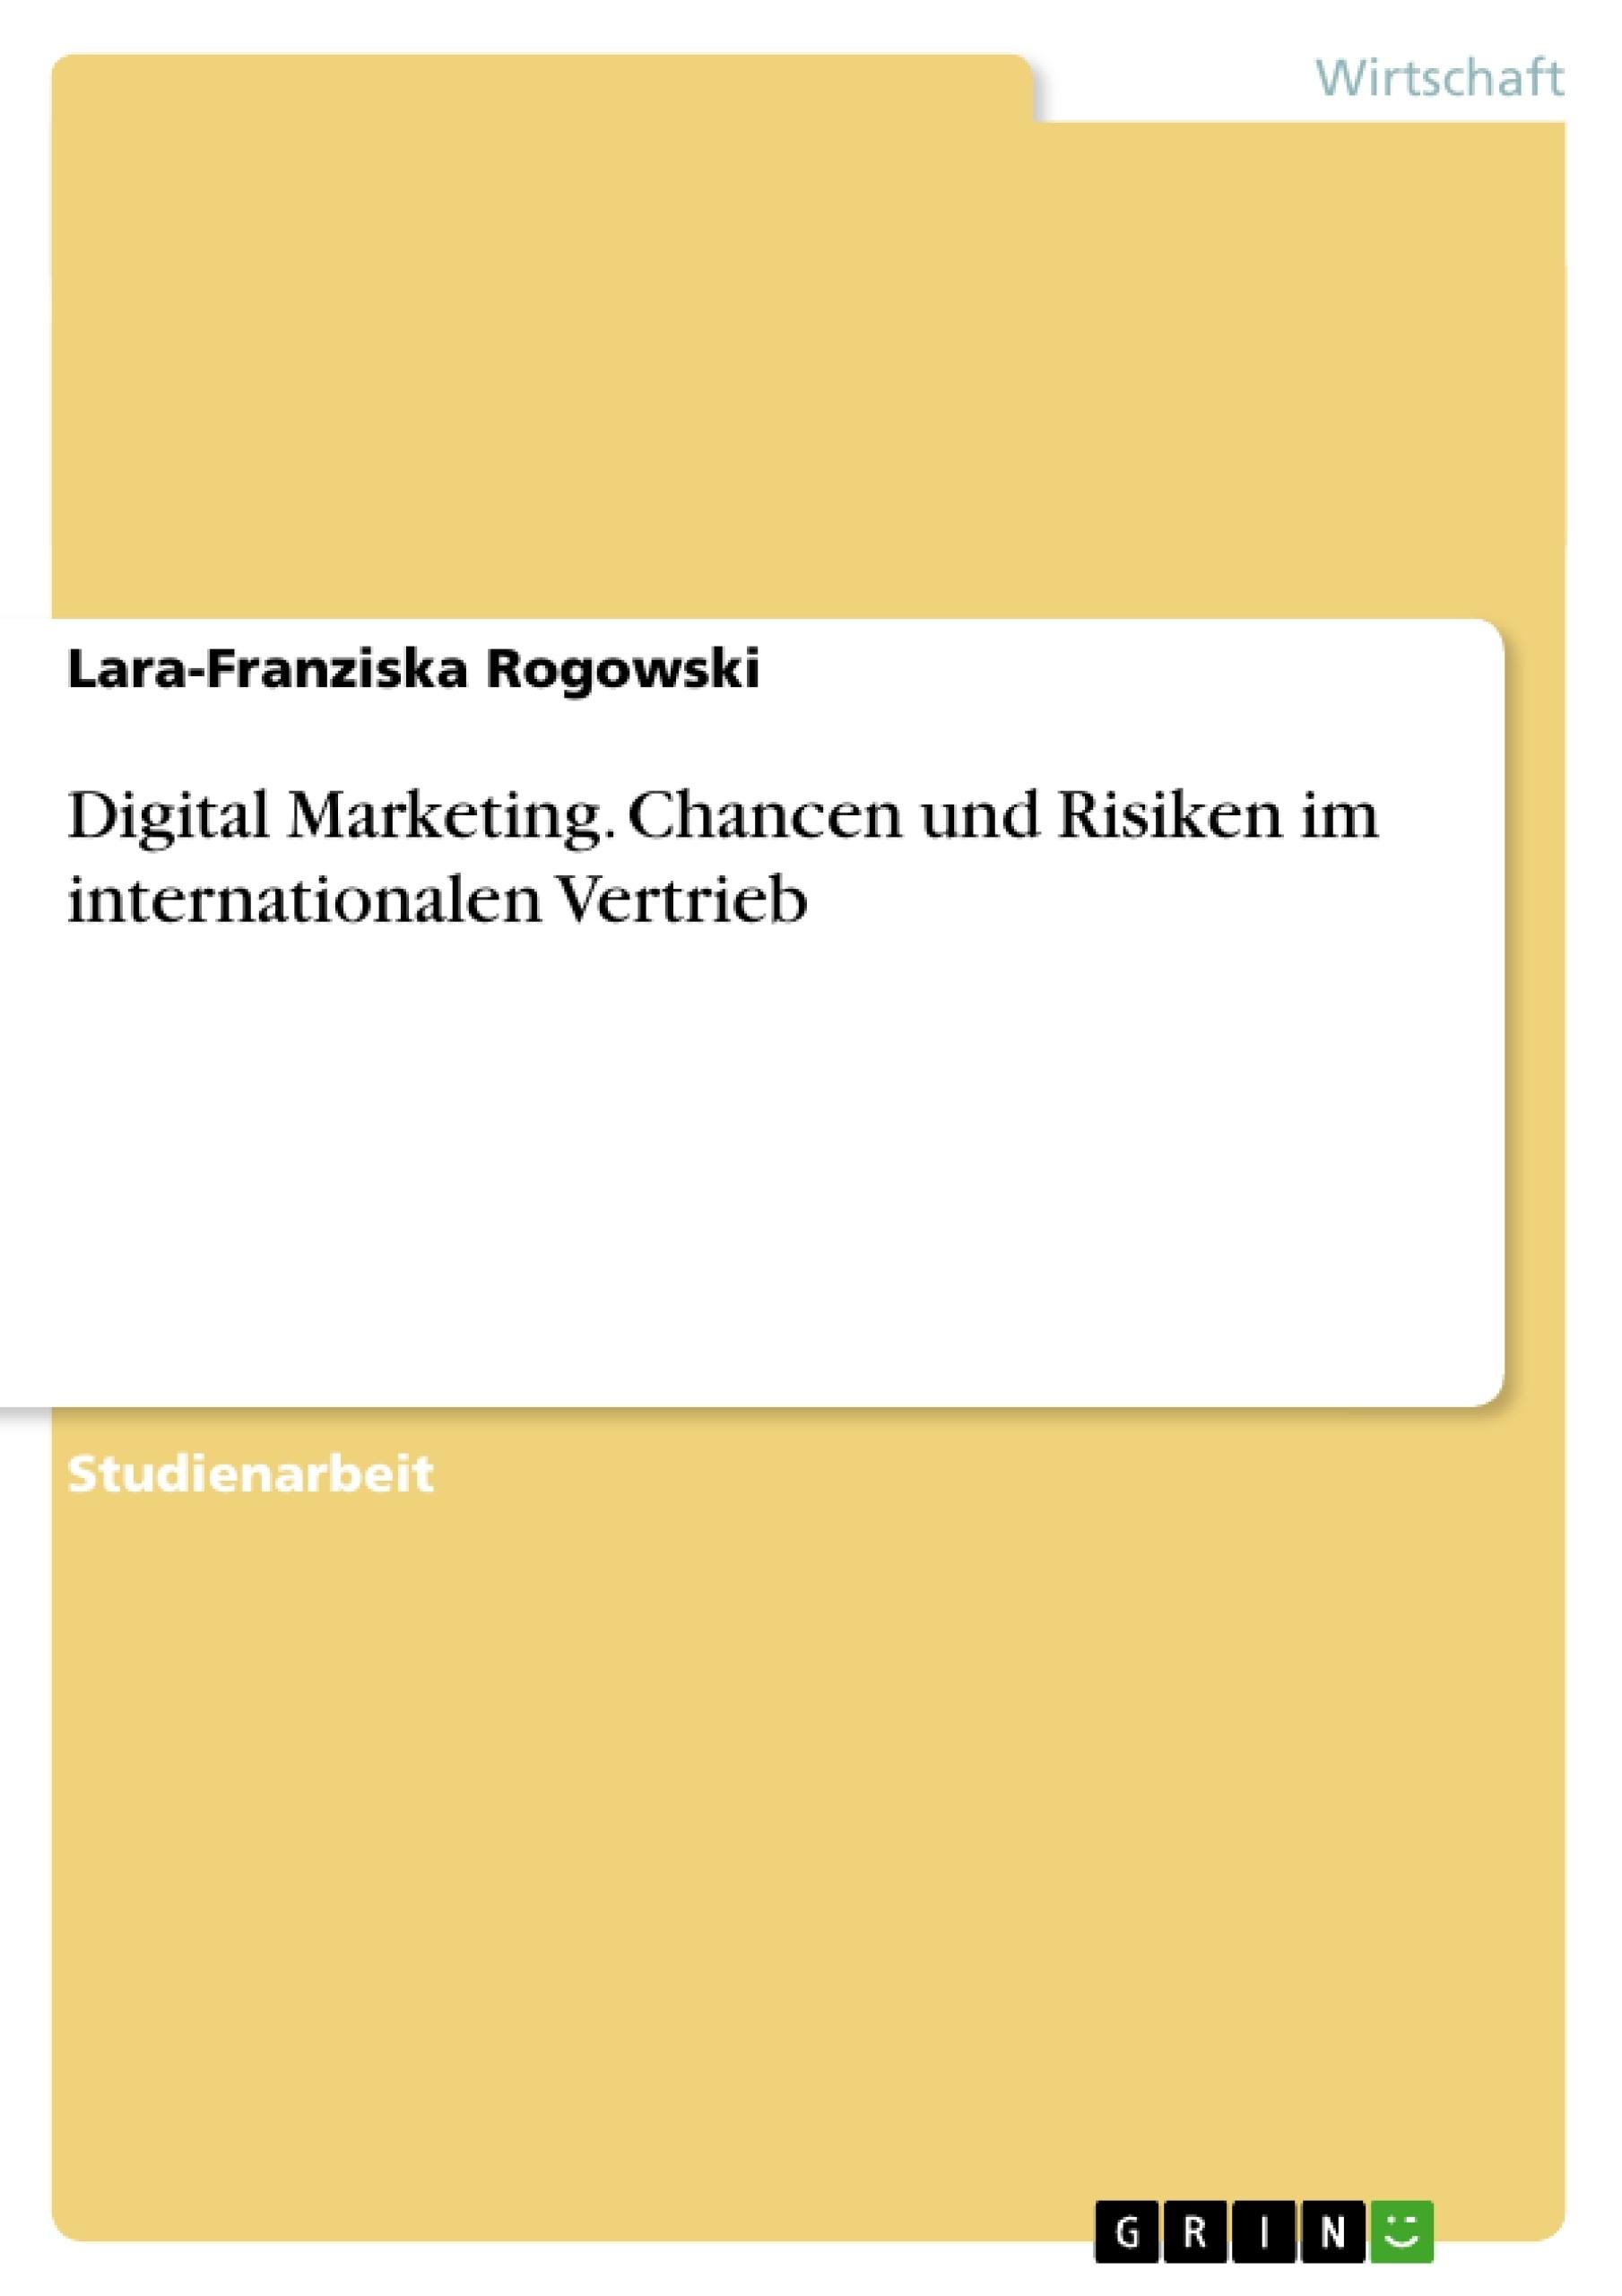 Titel: Digital Marketing. Chancen und Risiken im internationalen Vertrieb